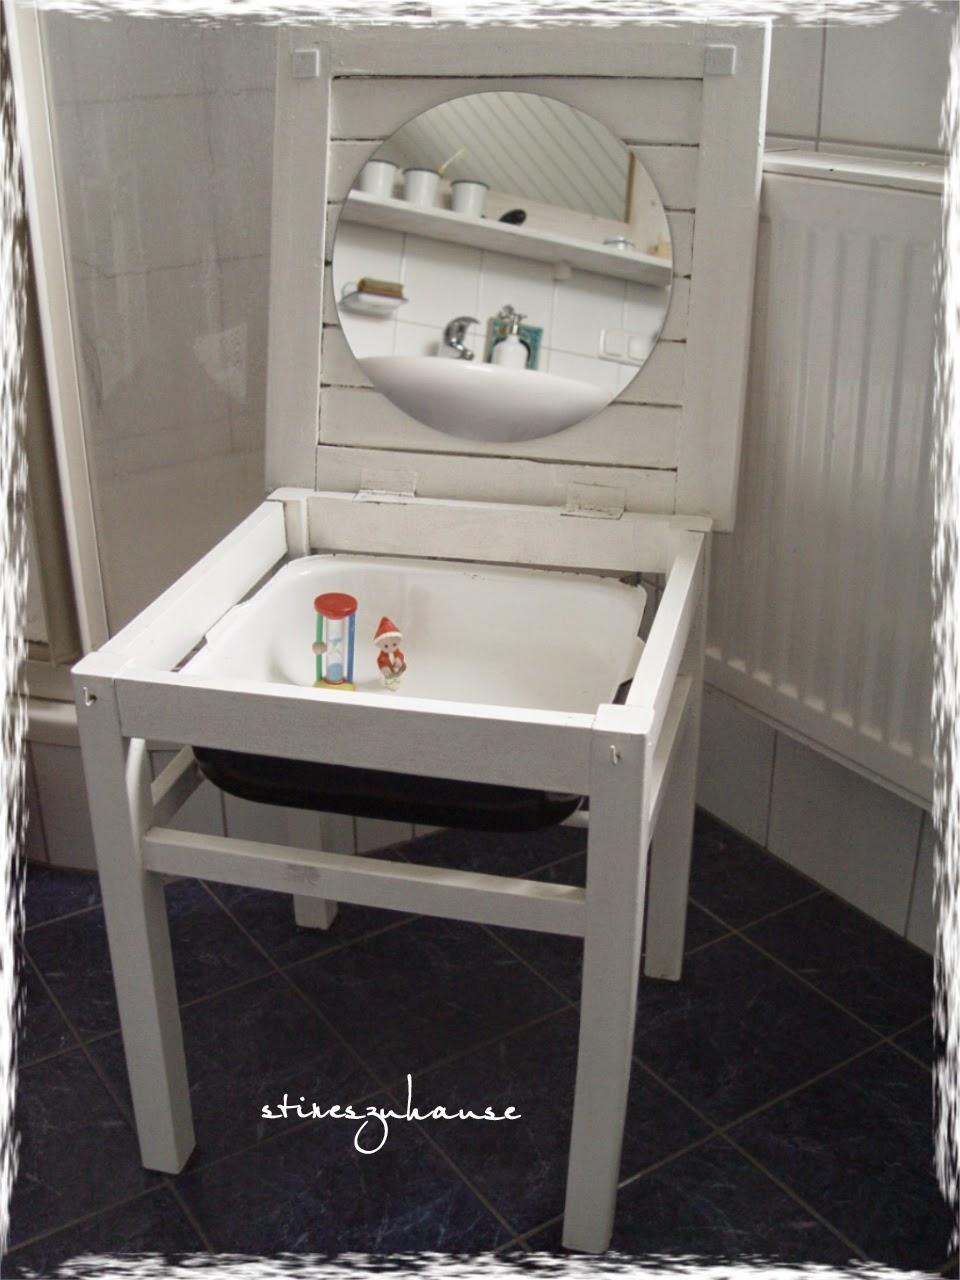 stineszuhause einfach eine pf tze. Black Bedroom Furniture Sets. Home Design Ideas